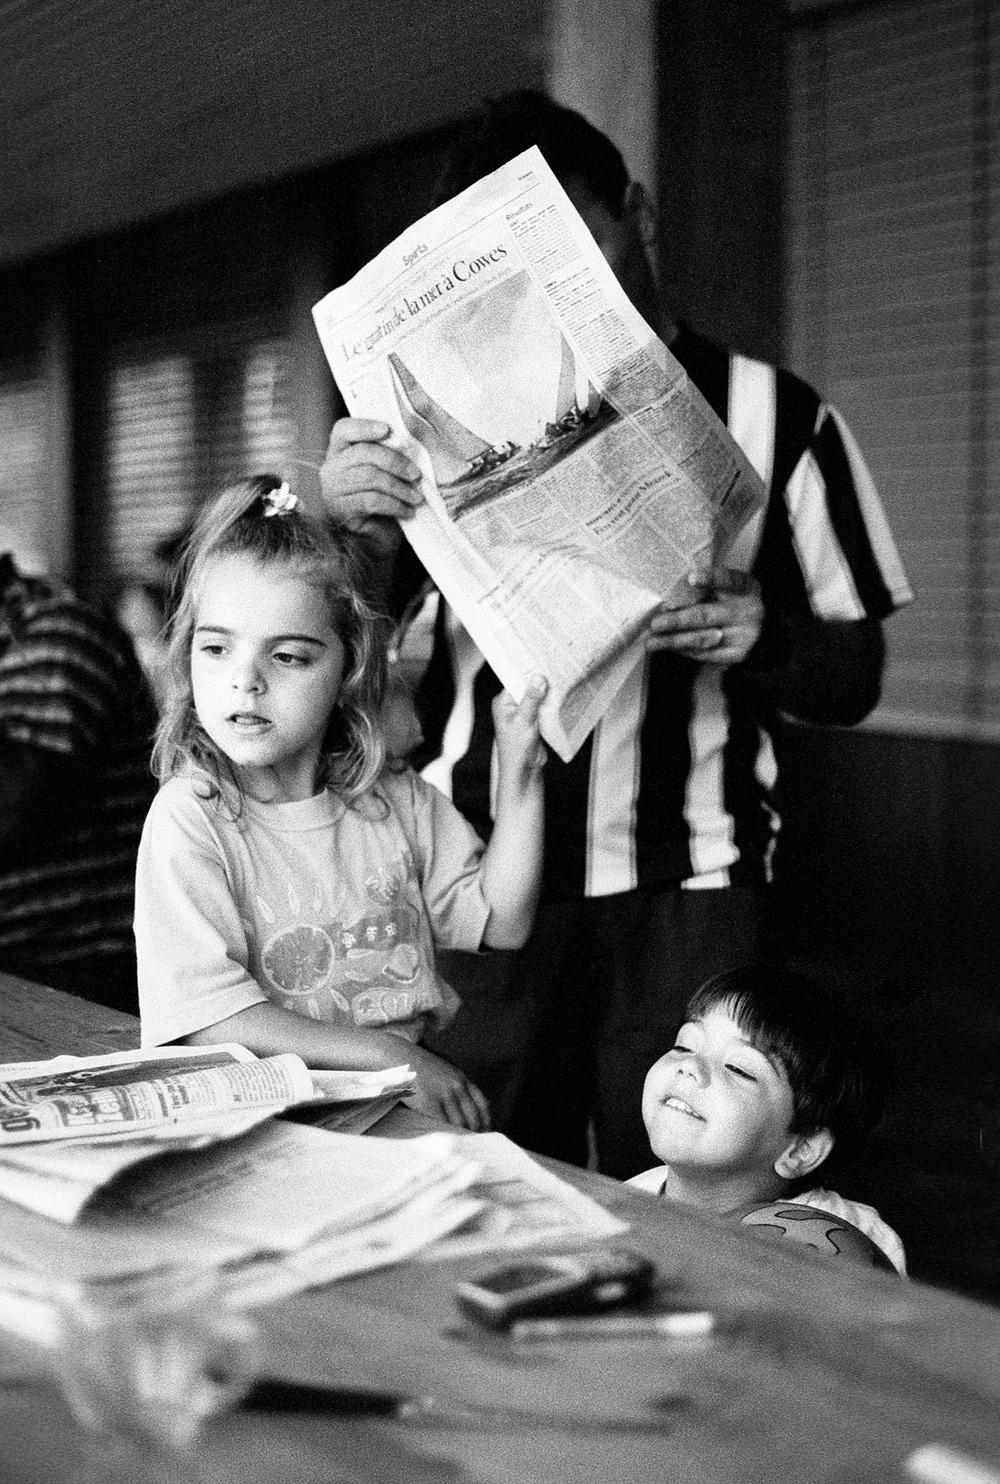 Les sans-papiers font les gros titres aujourd'hui. Un père de famille lisant le journal du jour.Fribourg, le 21 août 2001.